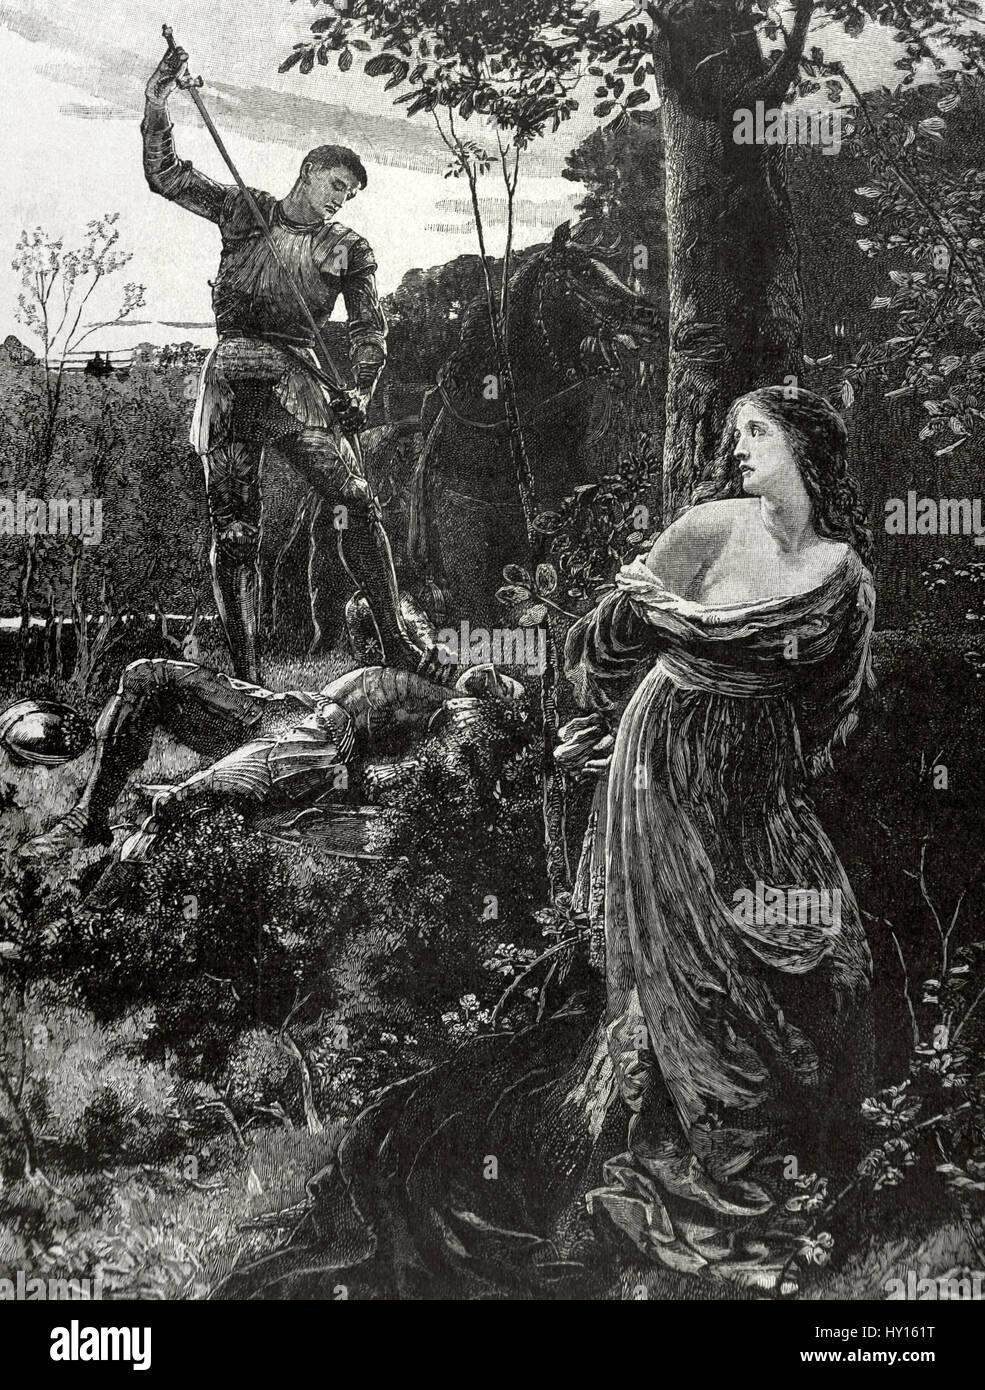 Ritterlichkeit. Kupferstich von R. Slvedersege nach einer Leinwand des britischen Malers Sir Francis Bernard Dicksee Stockbild